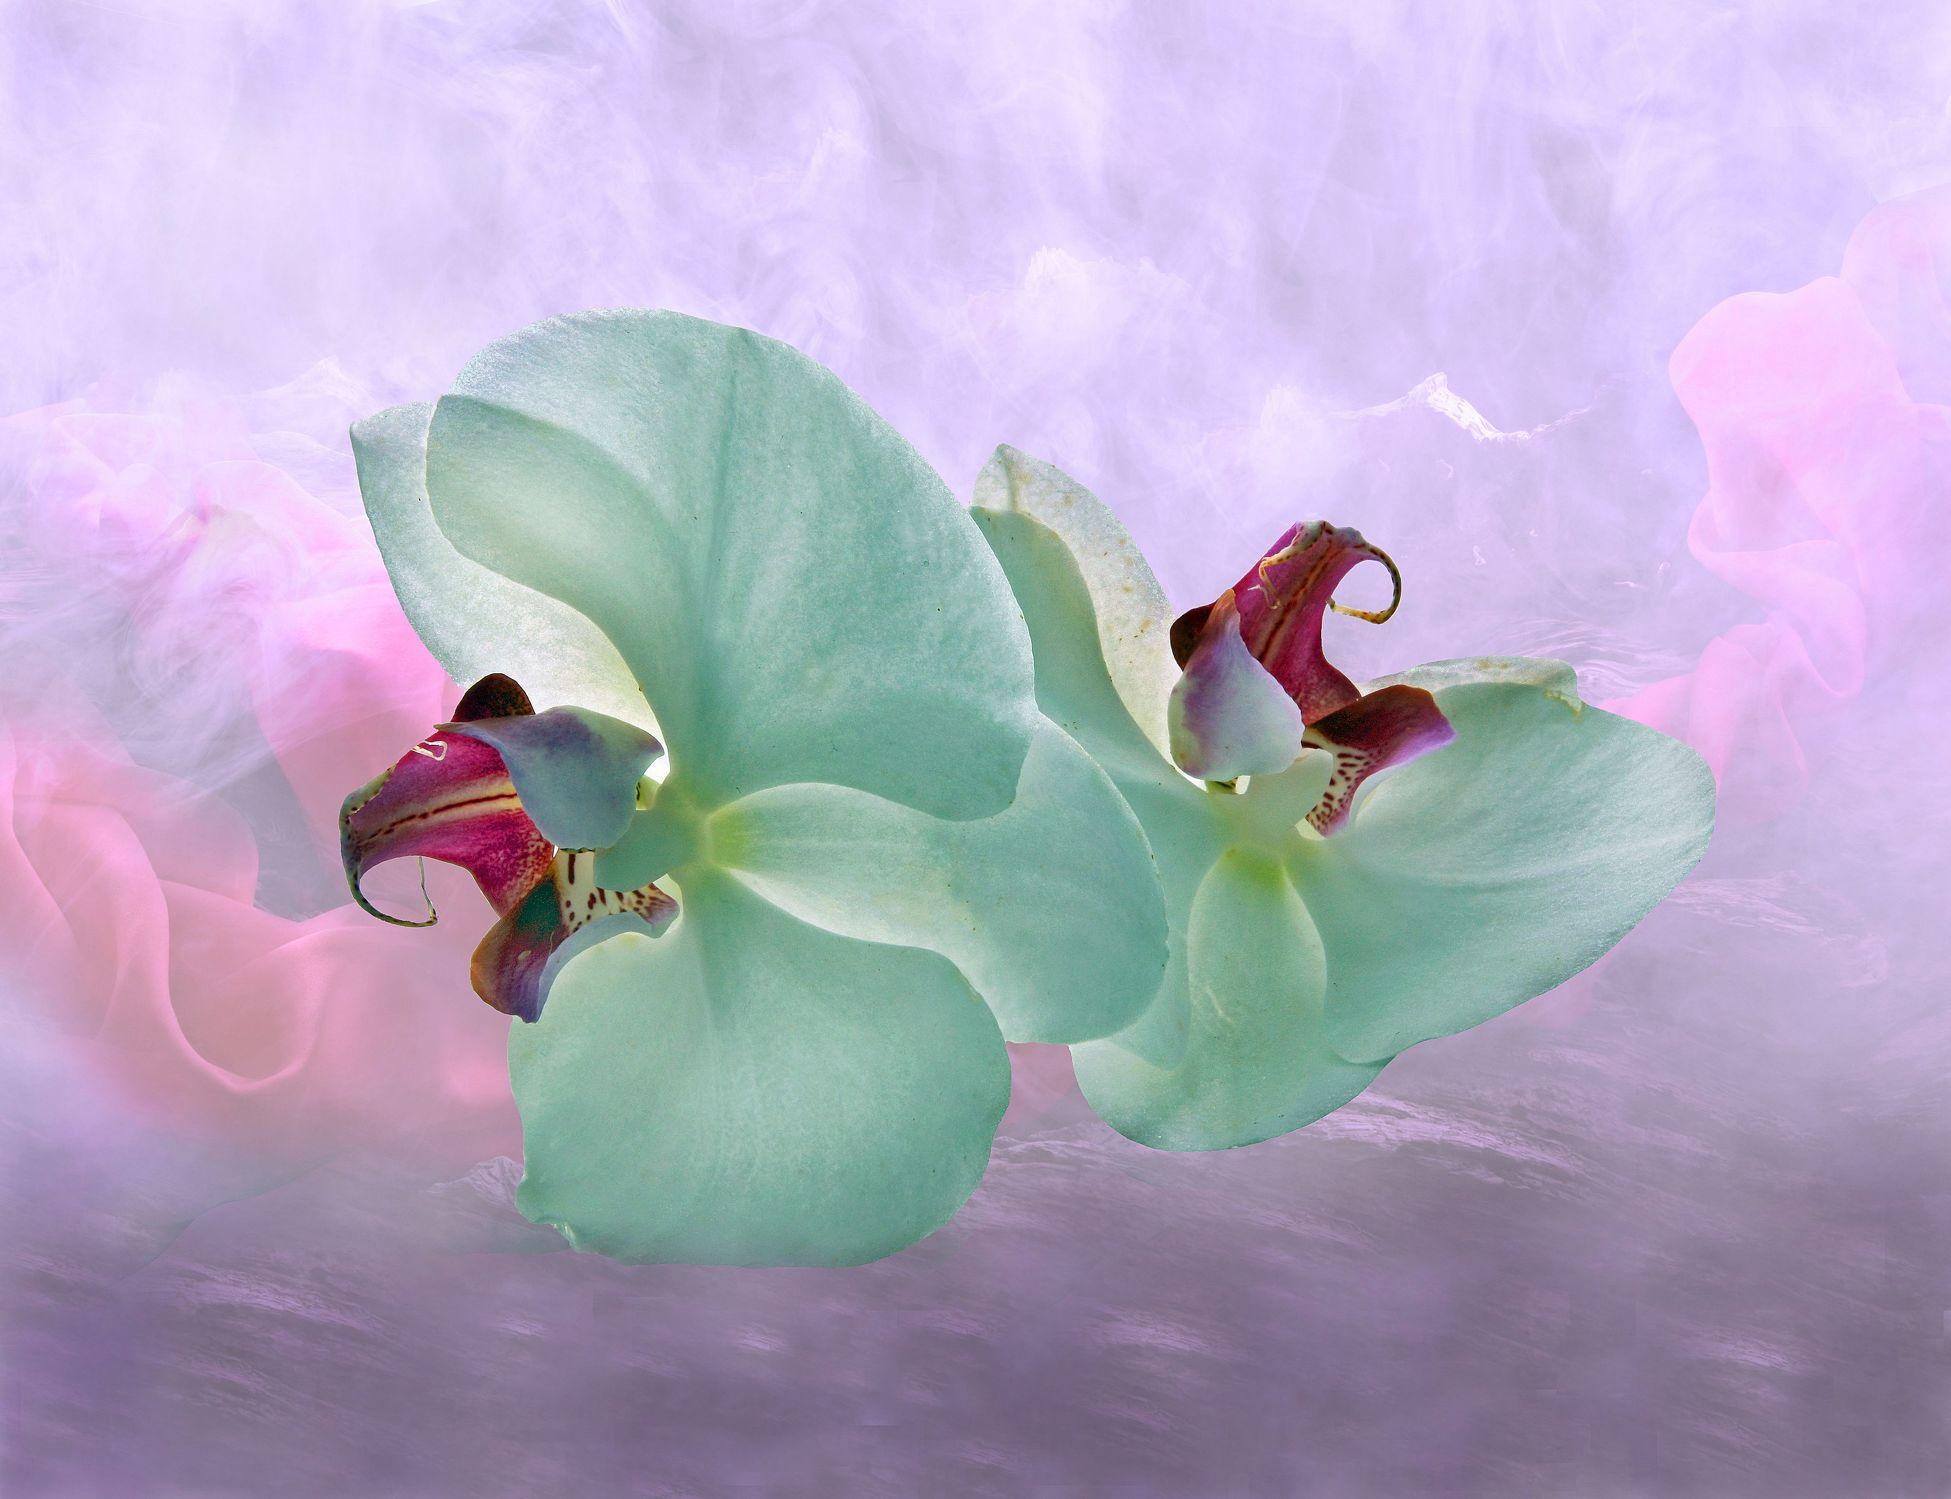 Bild mit Kunst, Pflanzen, Himmel, Wolken, Blumen, Orchideen, Nebel, Orchidee, Flora, Stilleben, Blüten, Florales